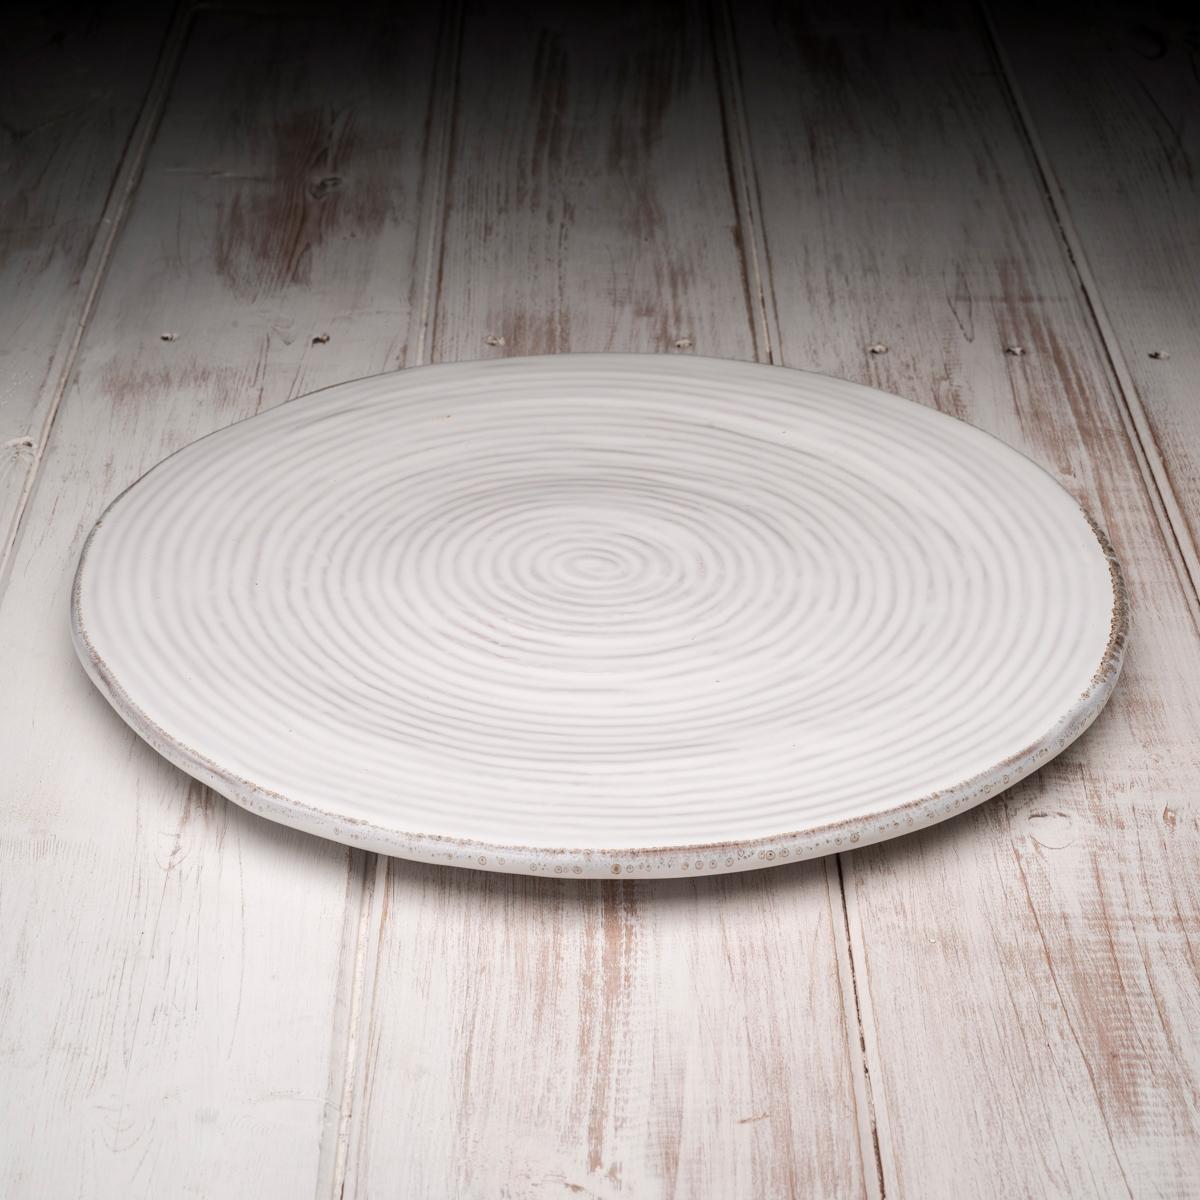 Handmade Italian Ceramic Plate White